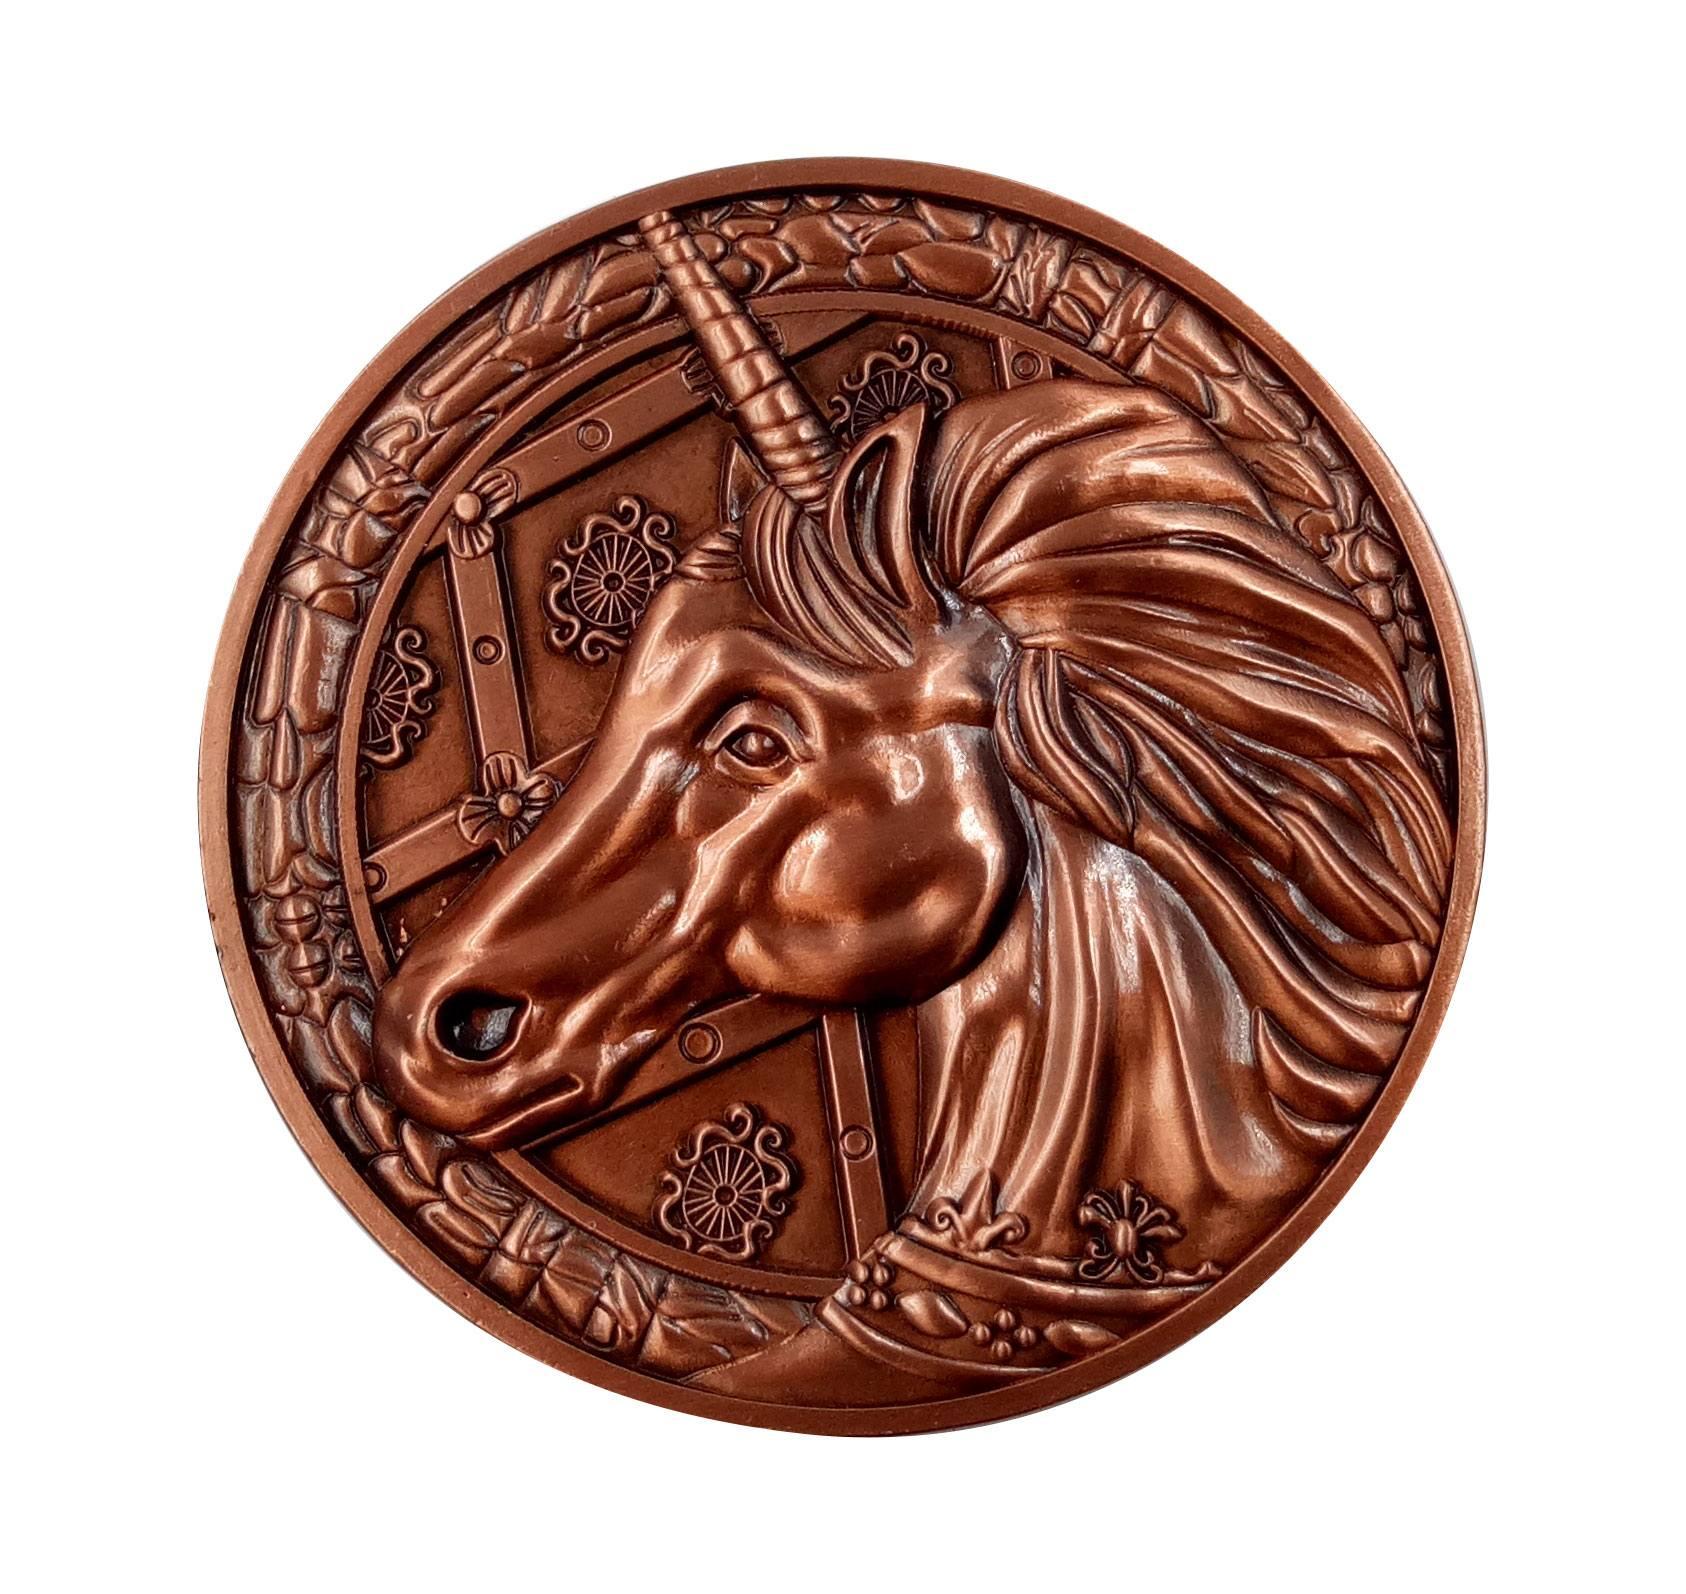 Resident Evil 2 Replica 1/1 Unicorn Medallion